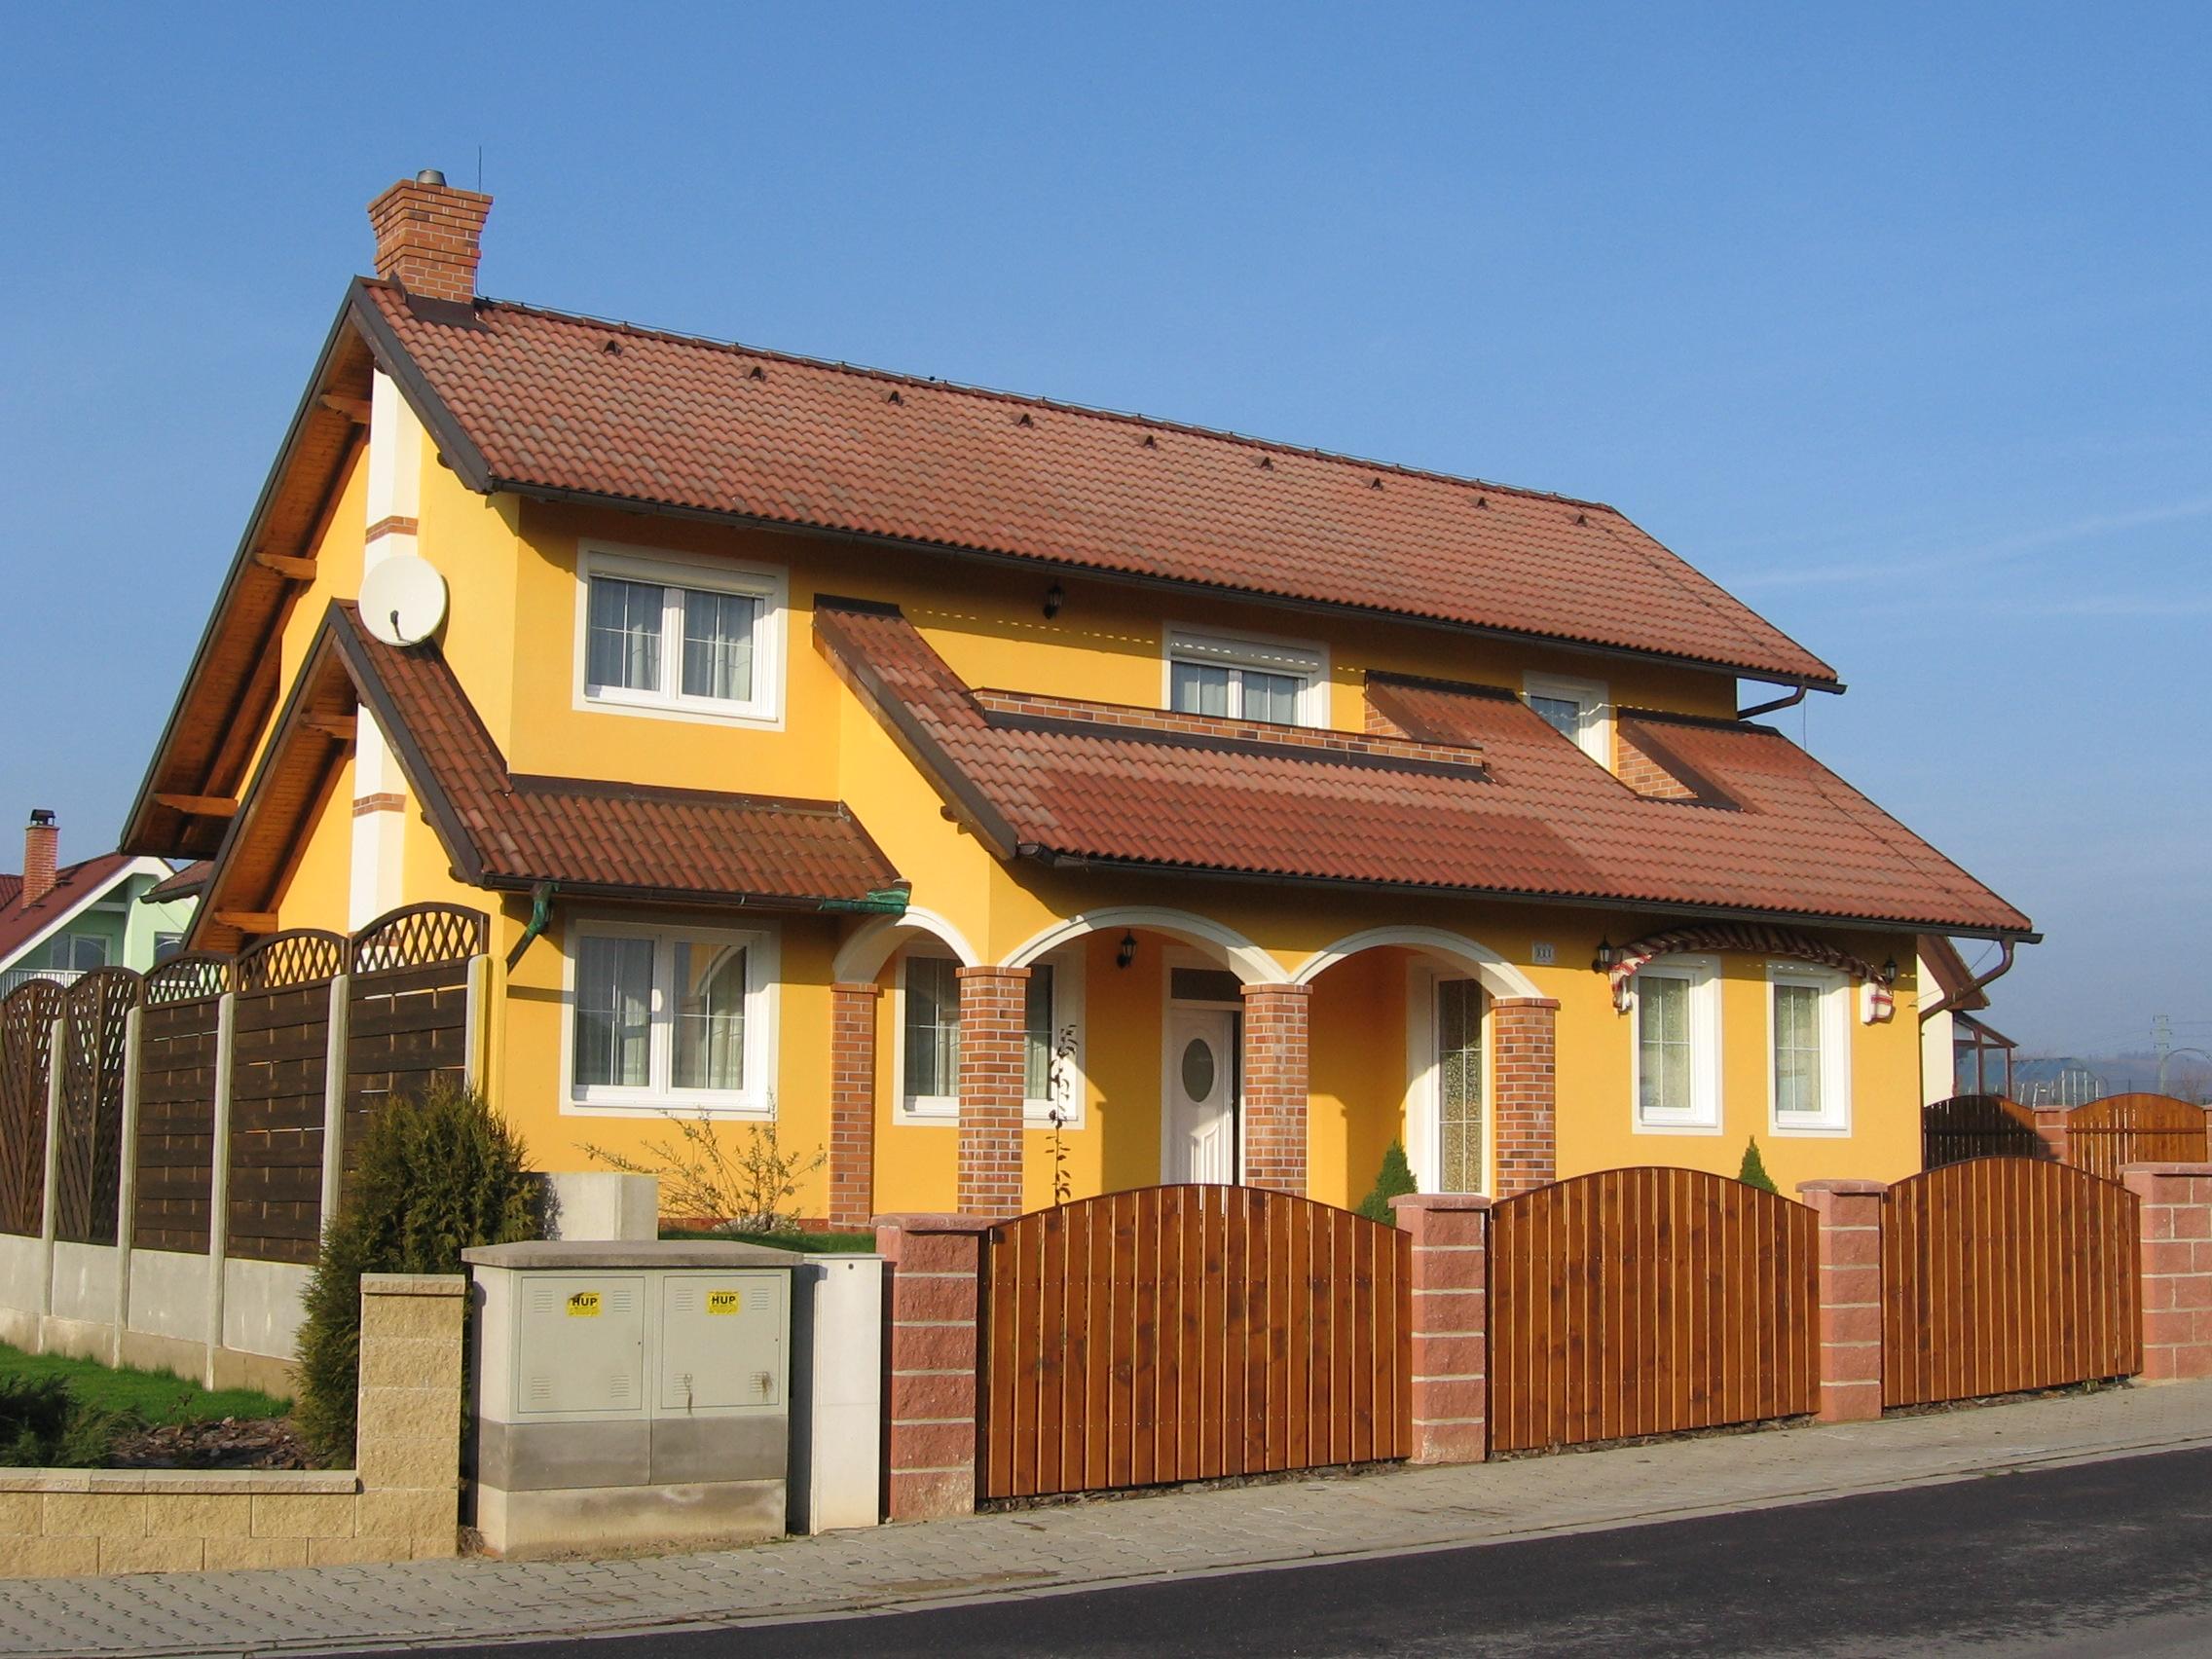 Rodinný dům 2, Ústí nad Orlicí